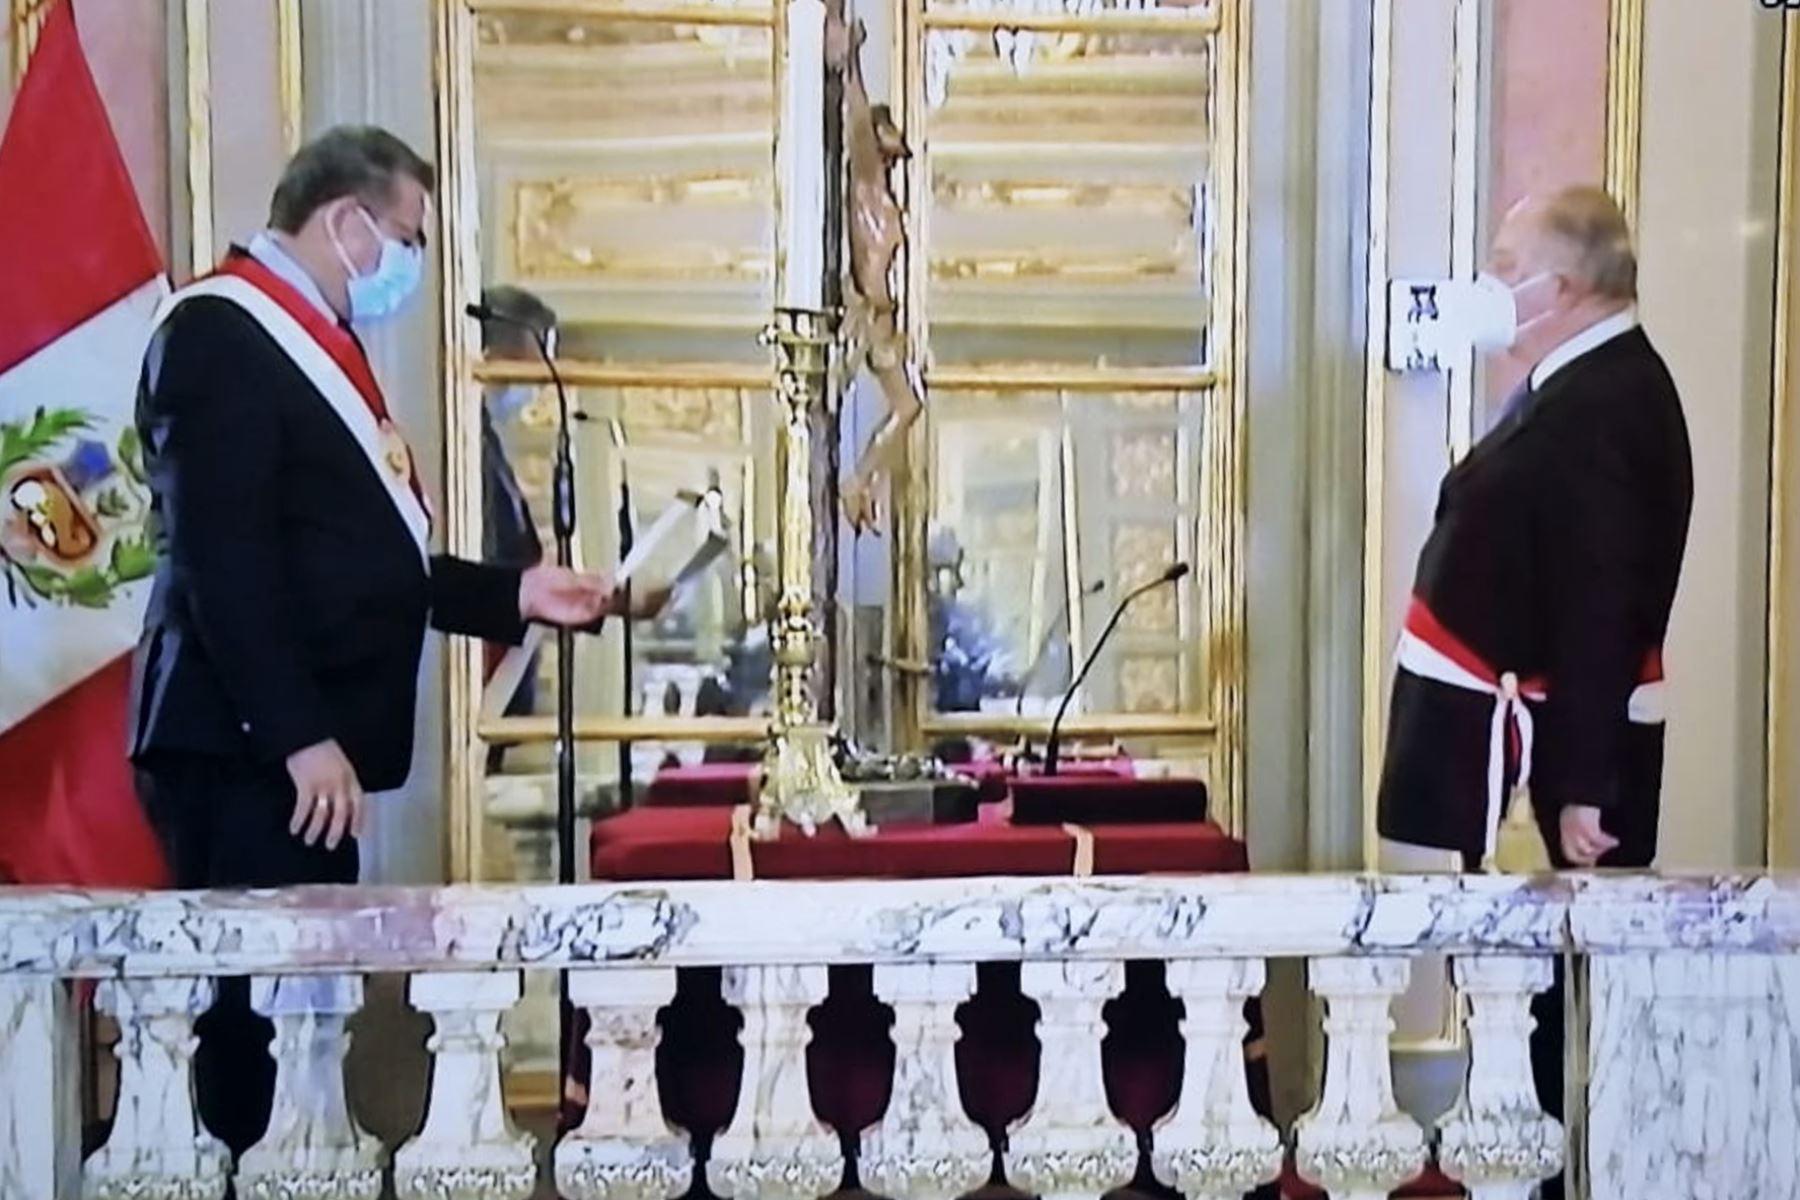 antero-flores-araoz-asumira-como-nuevo-presidente-del-consejo-de-ministros